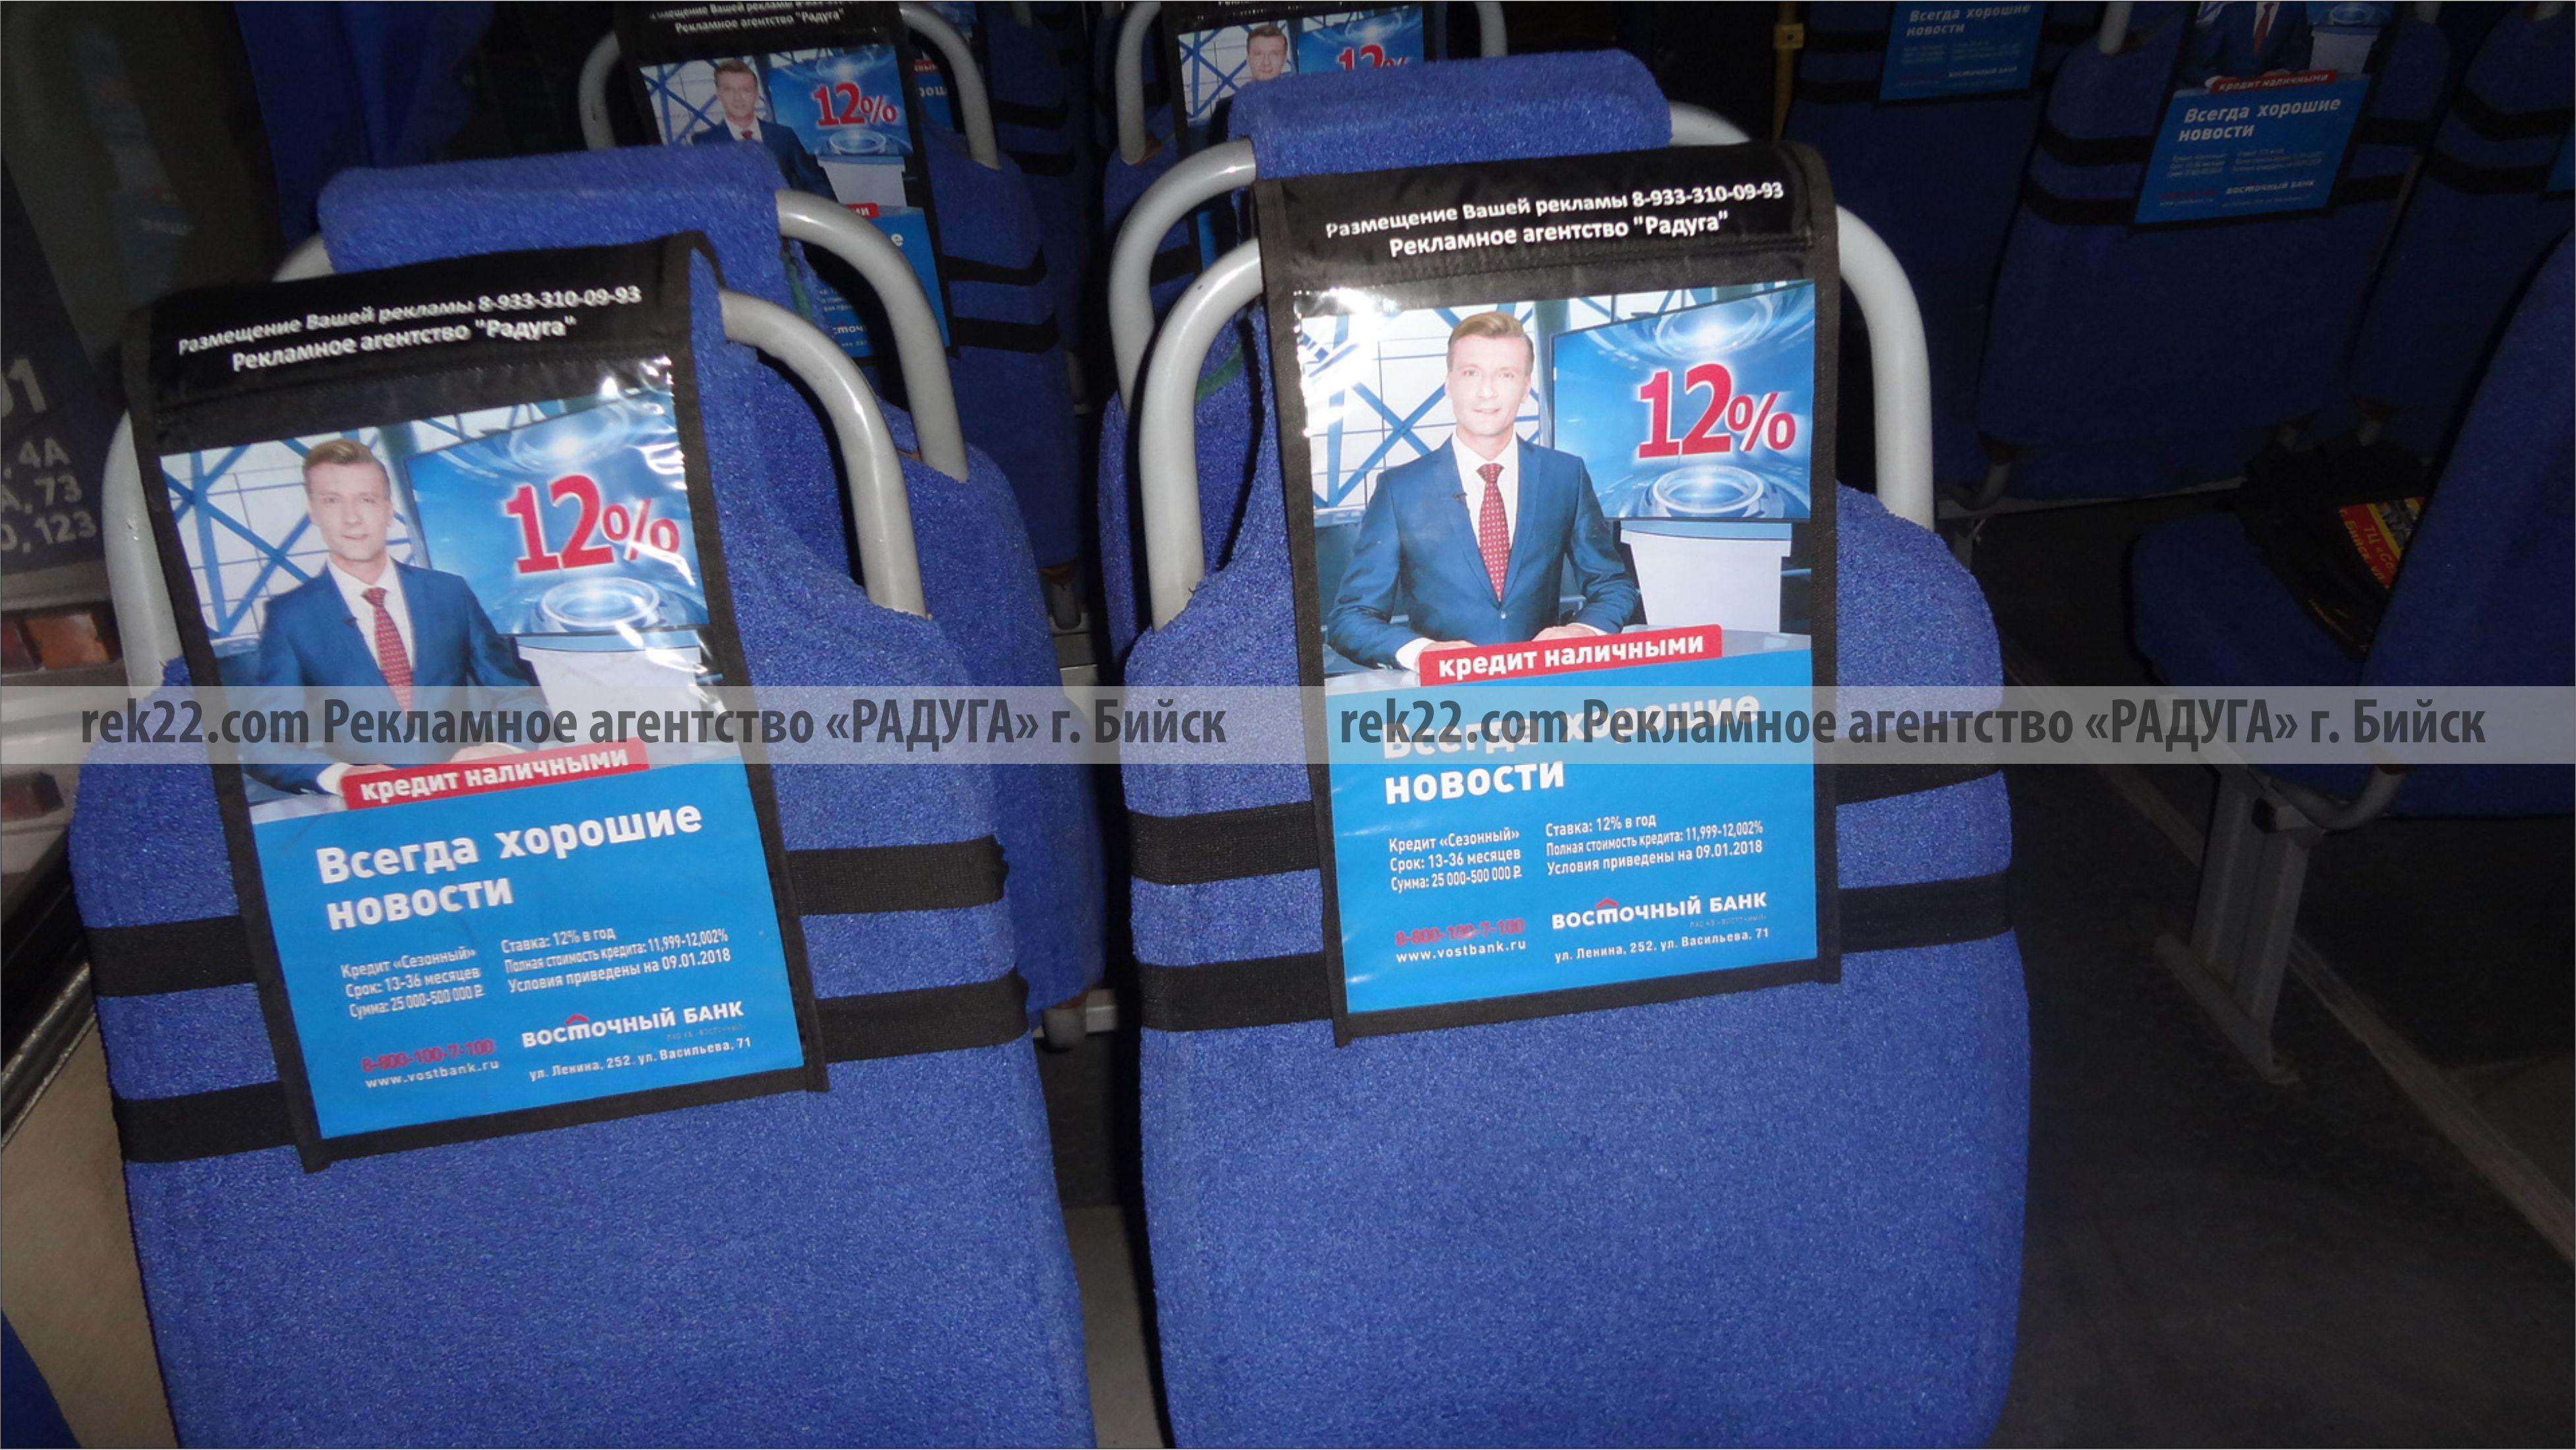 Реклама на транспорте Бийск - подголовники - 9.1